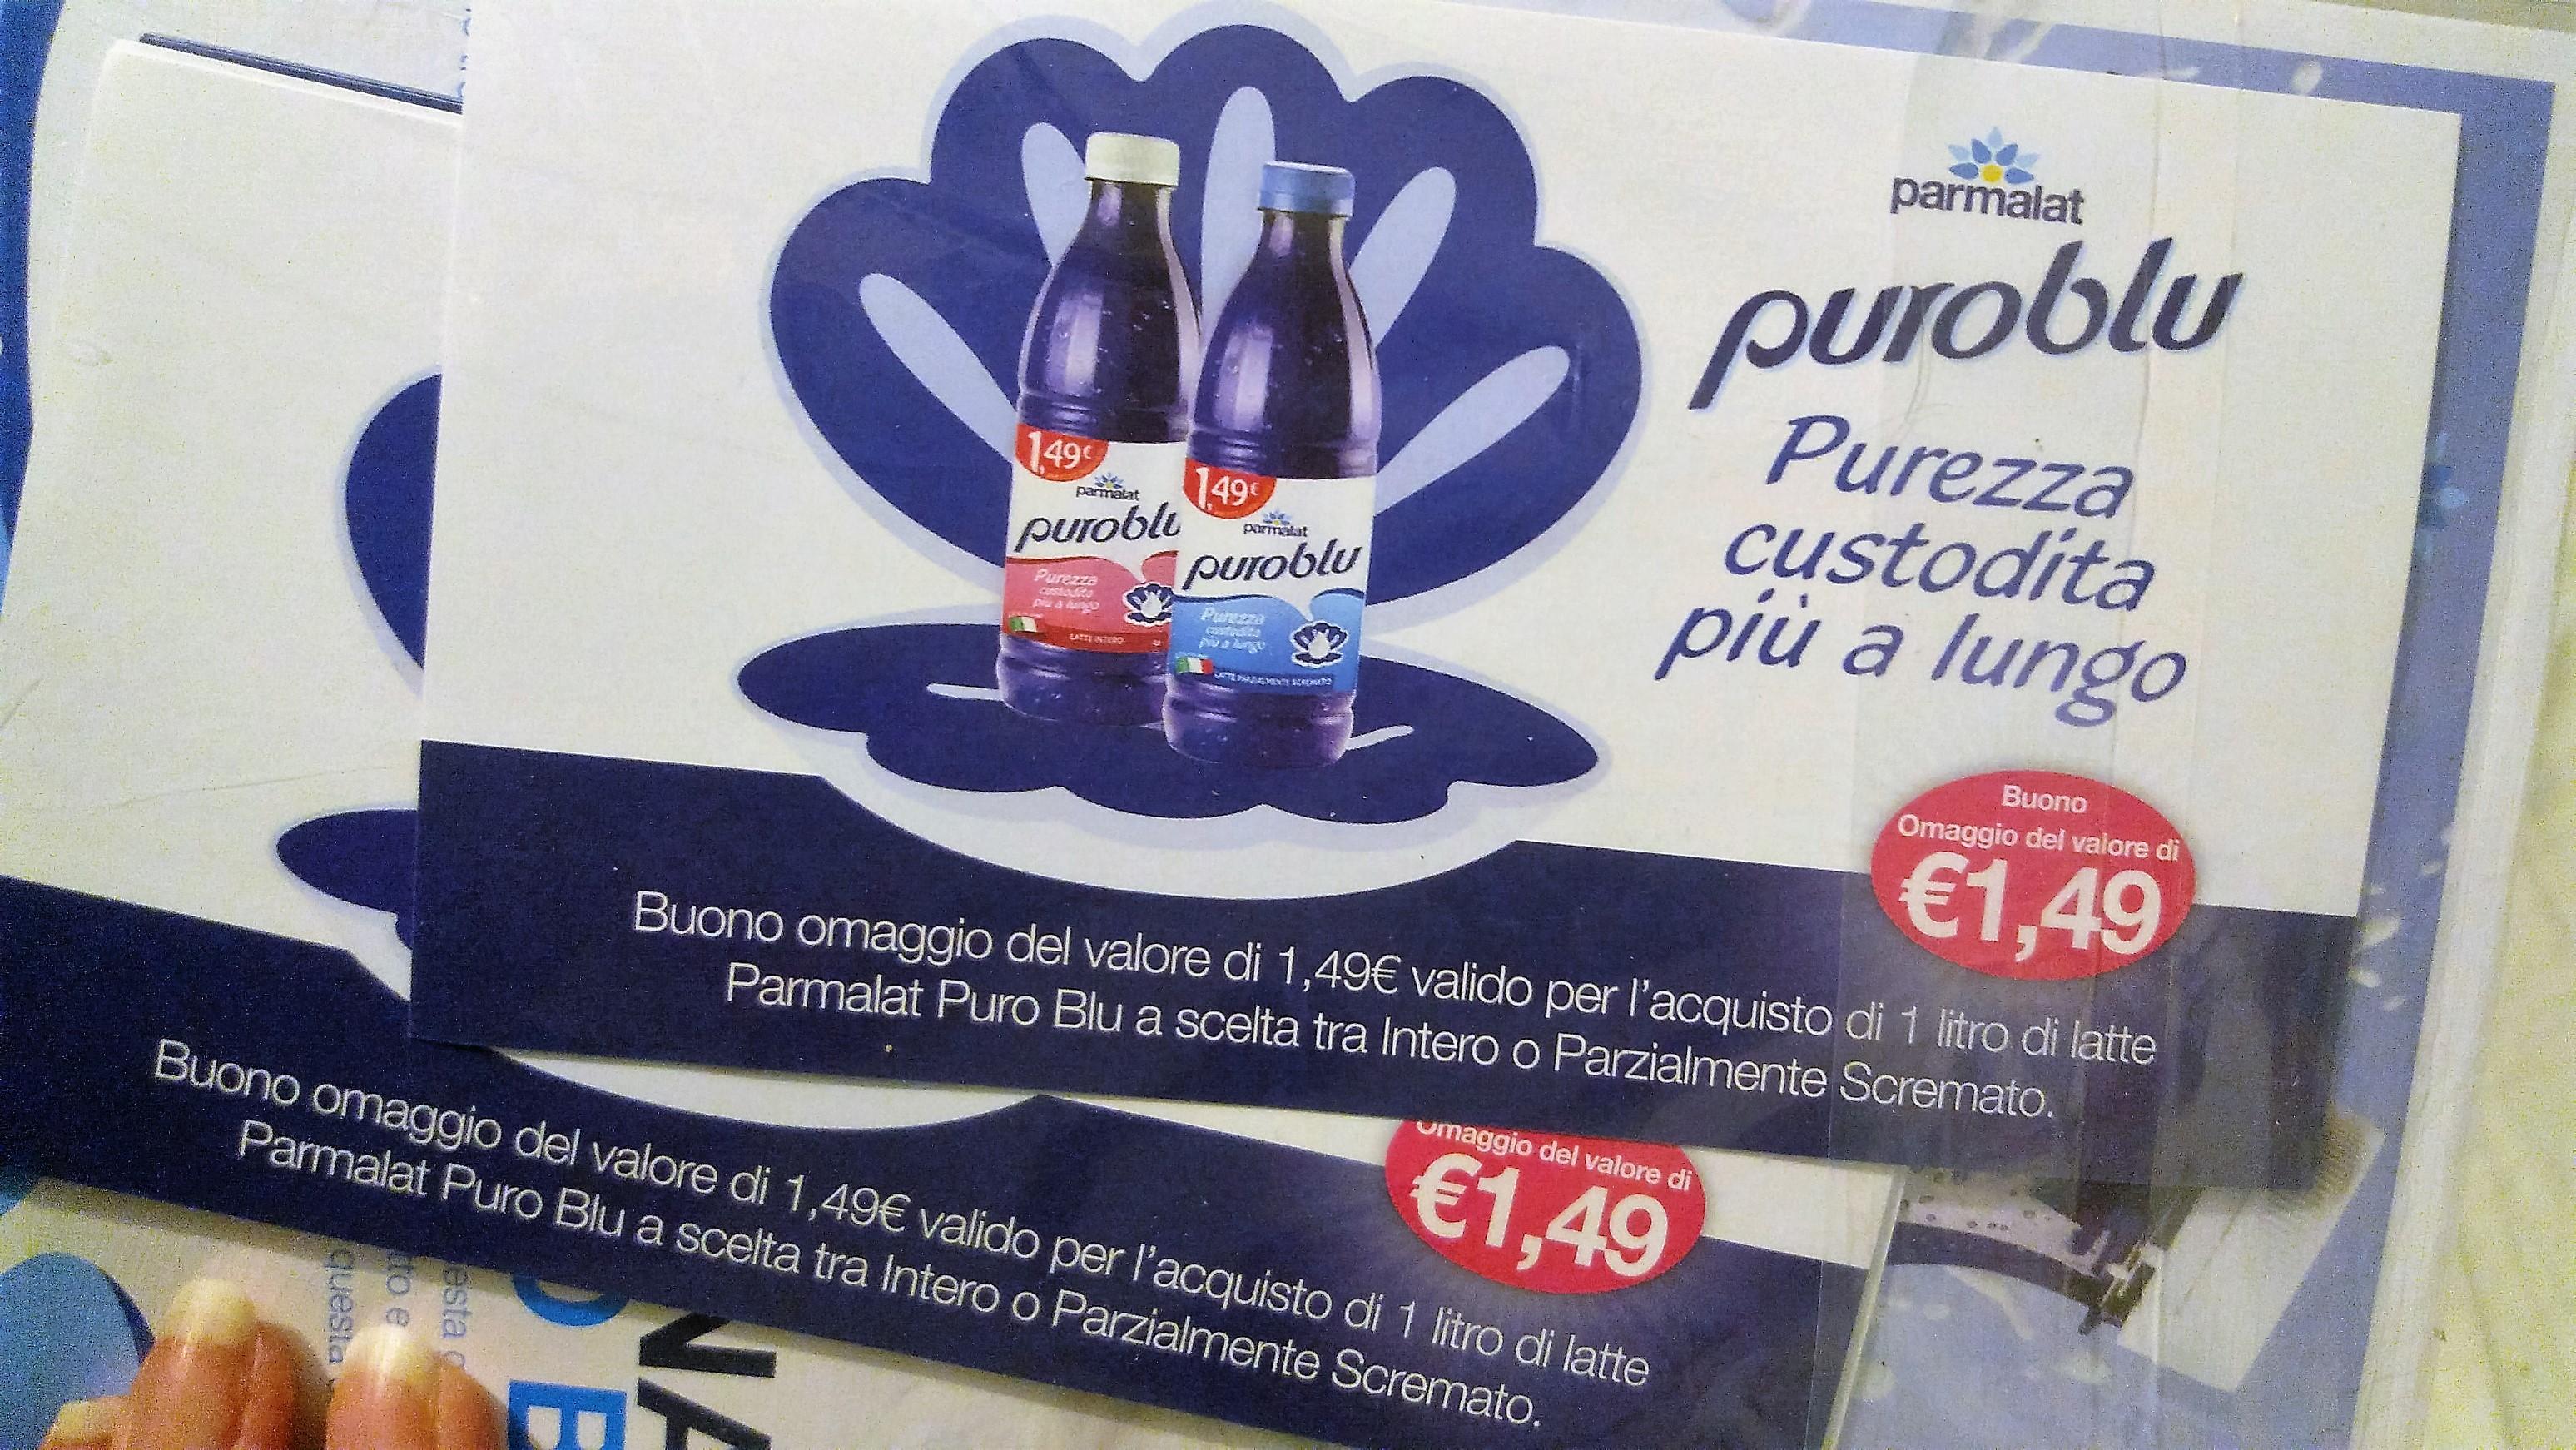 Latte Puro Blu